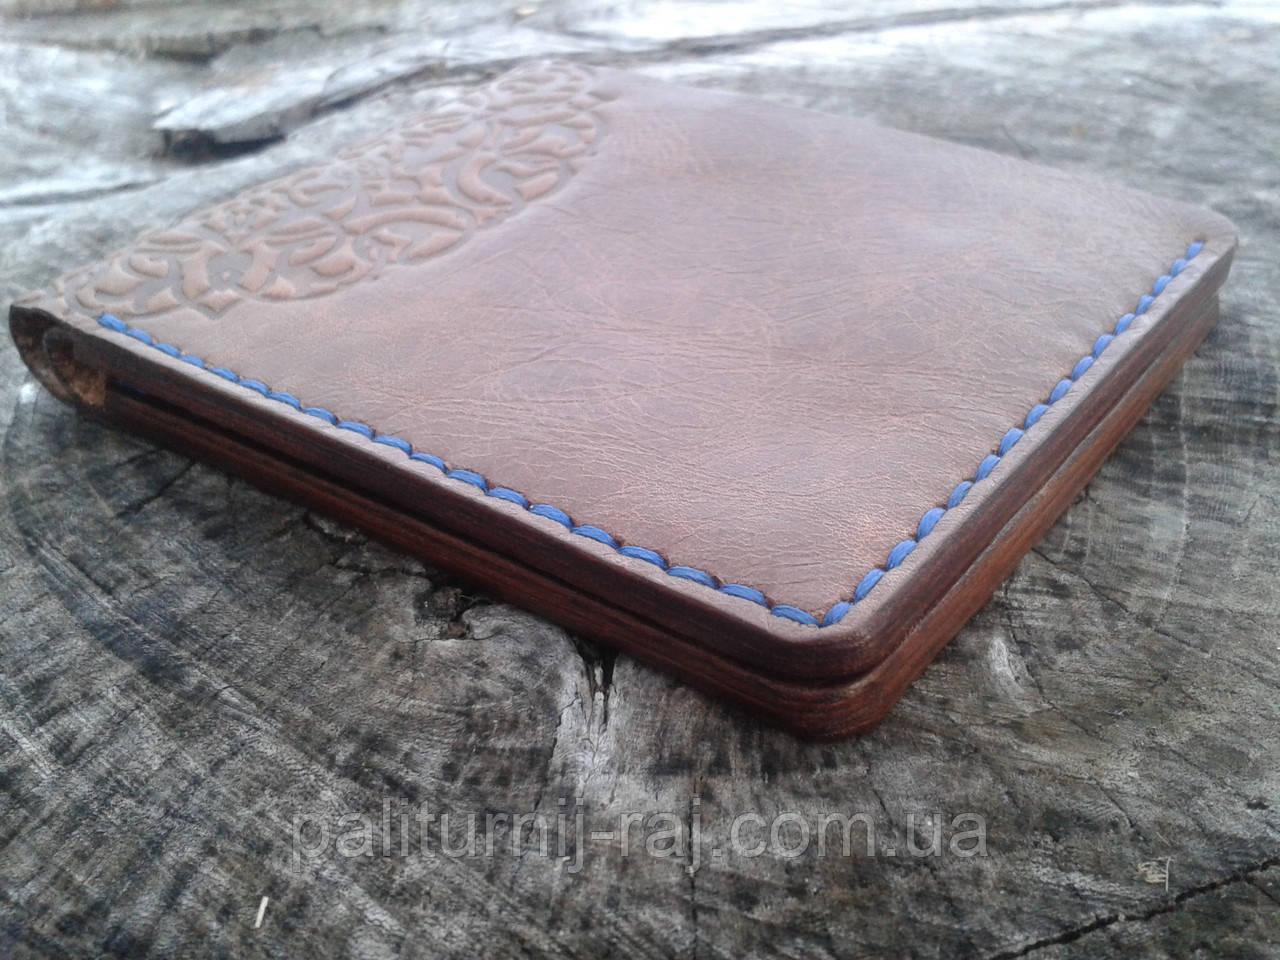 bd3473233010 Мужское кожаное портмоне ручной работы, цена 700 грн., купить в Киеве —  Prom.ua (ID#703867391)